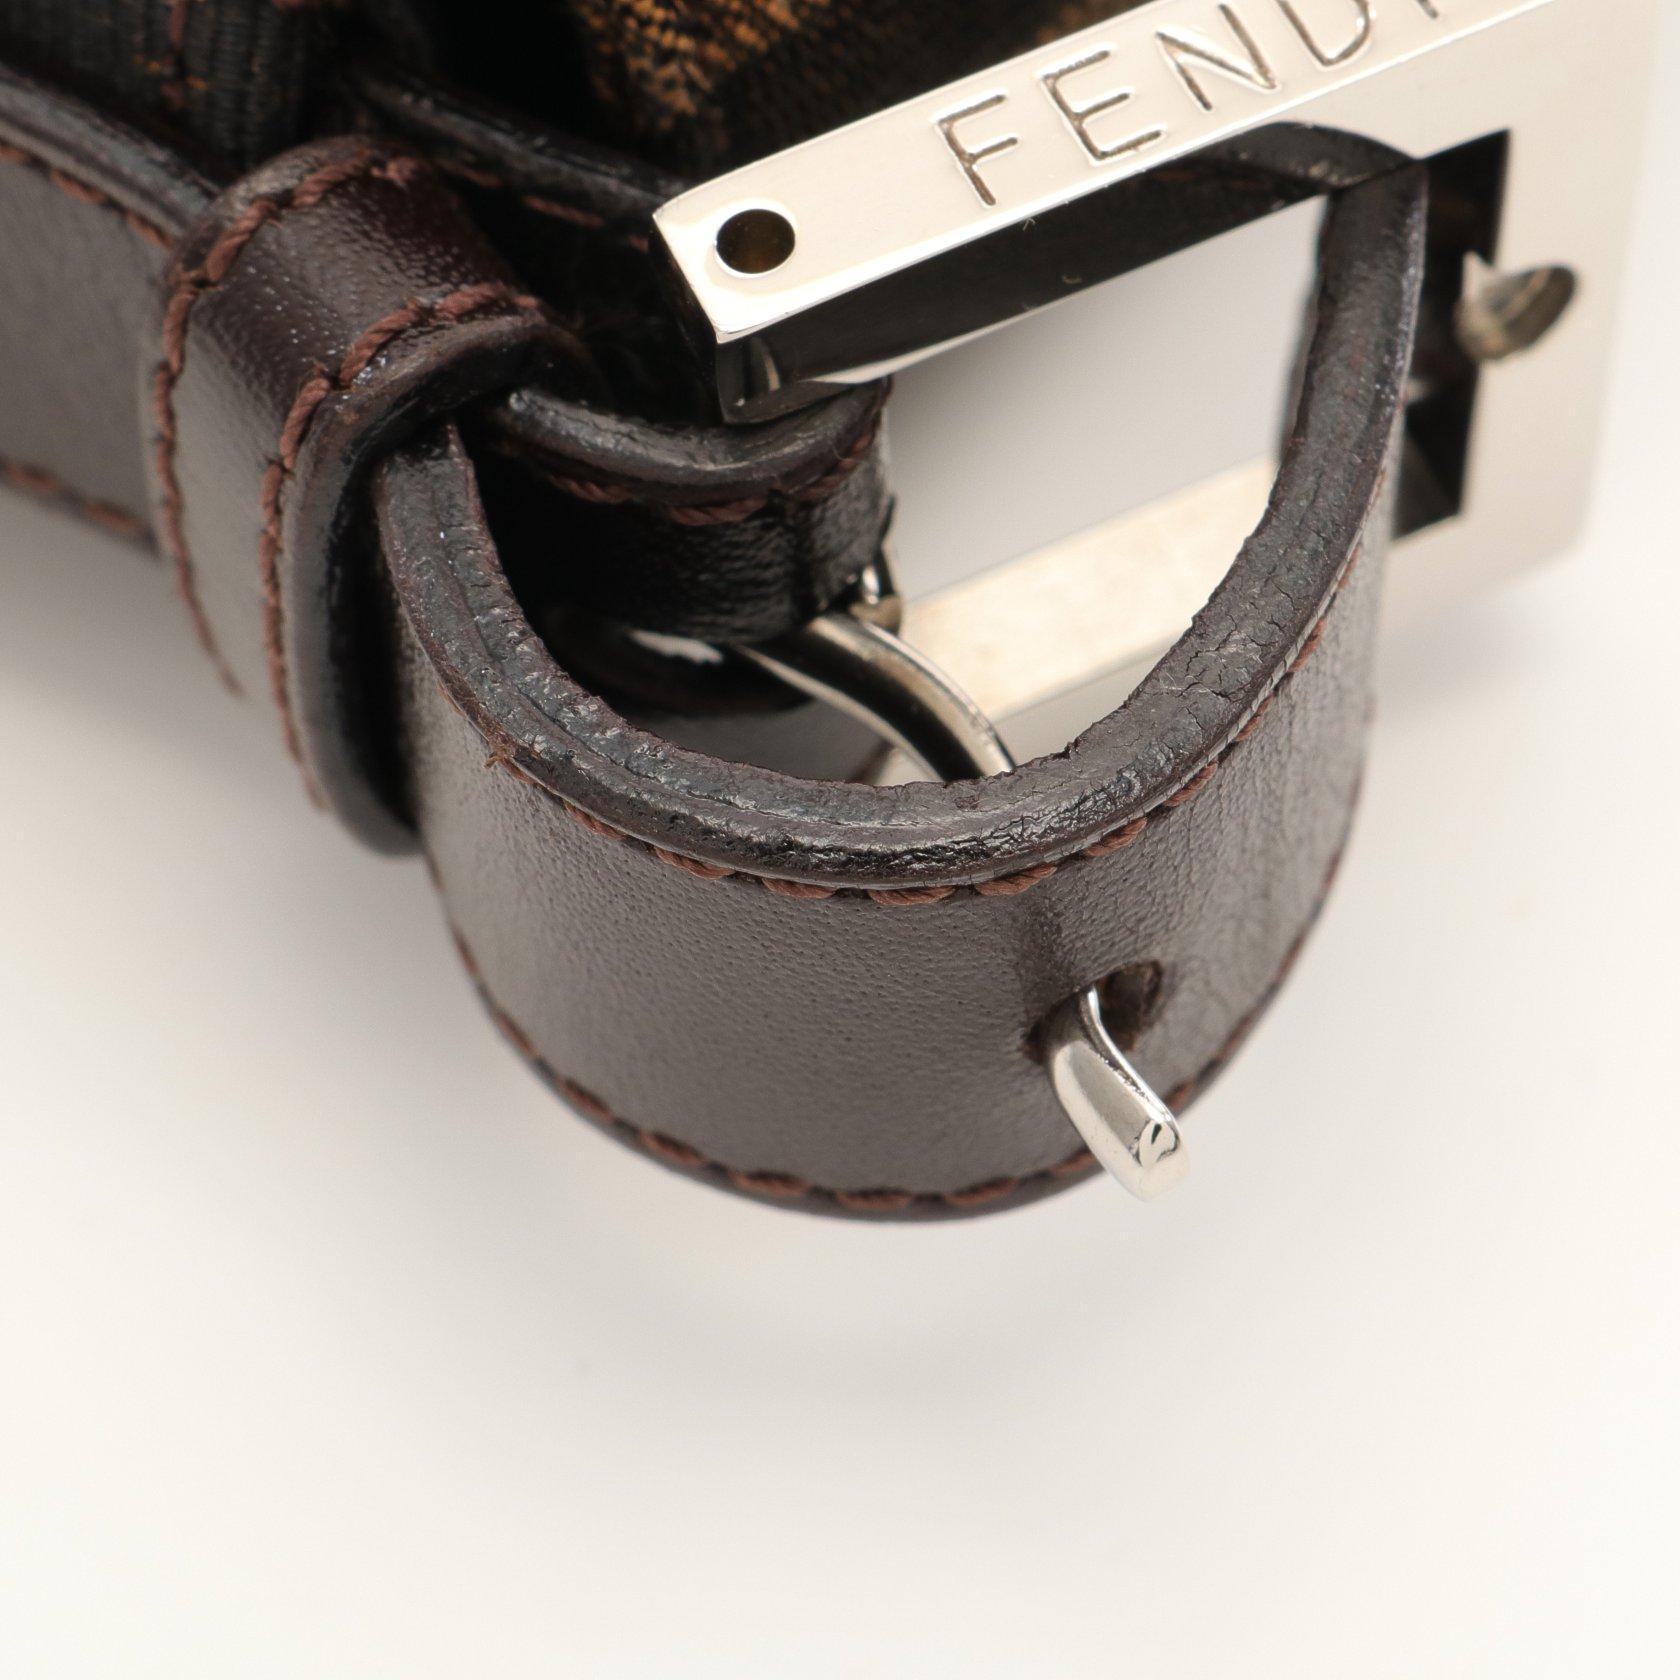 FENDI・バッグ・マンマバケット ズッカ ハンドバッグ キャンバス レザー ブラウン ブラック ダークブラウン